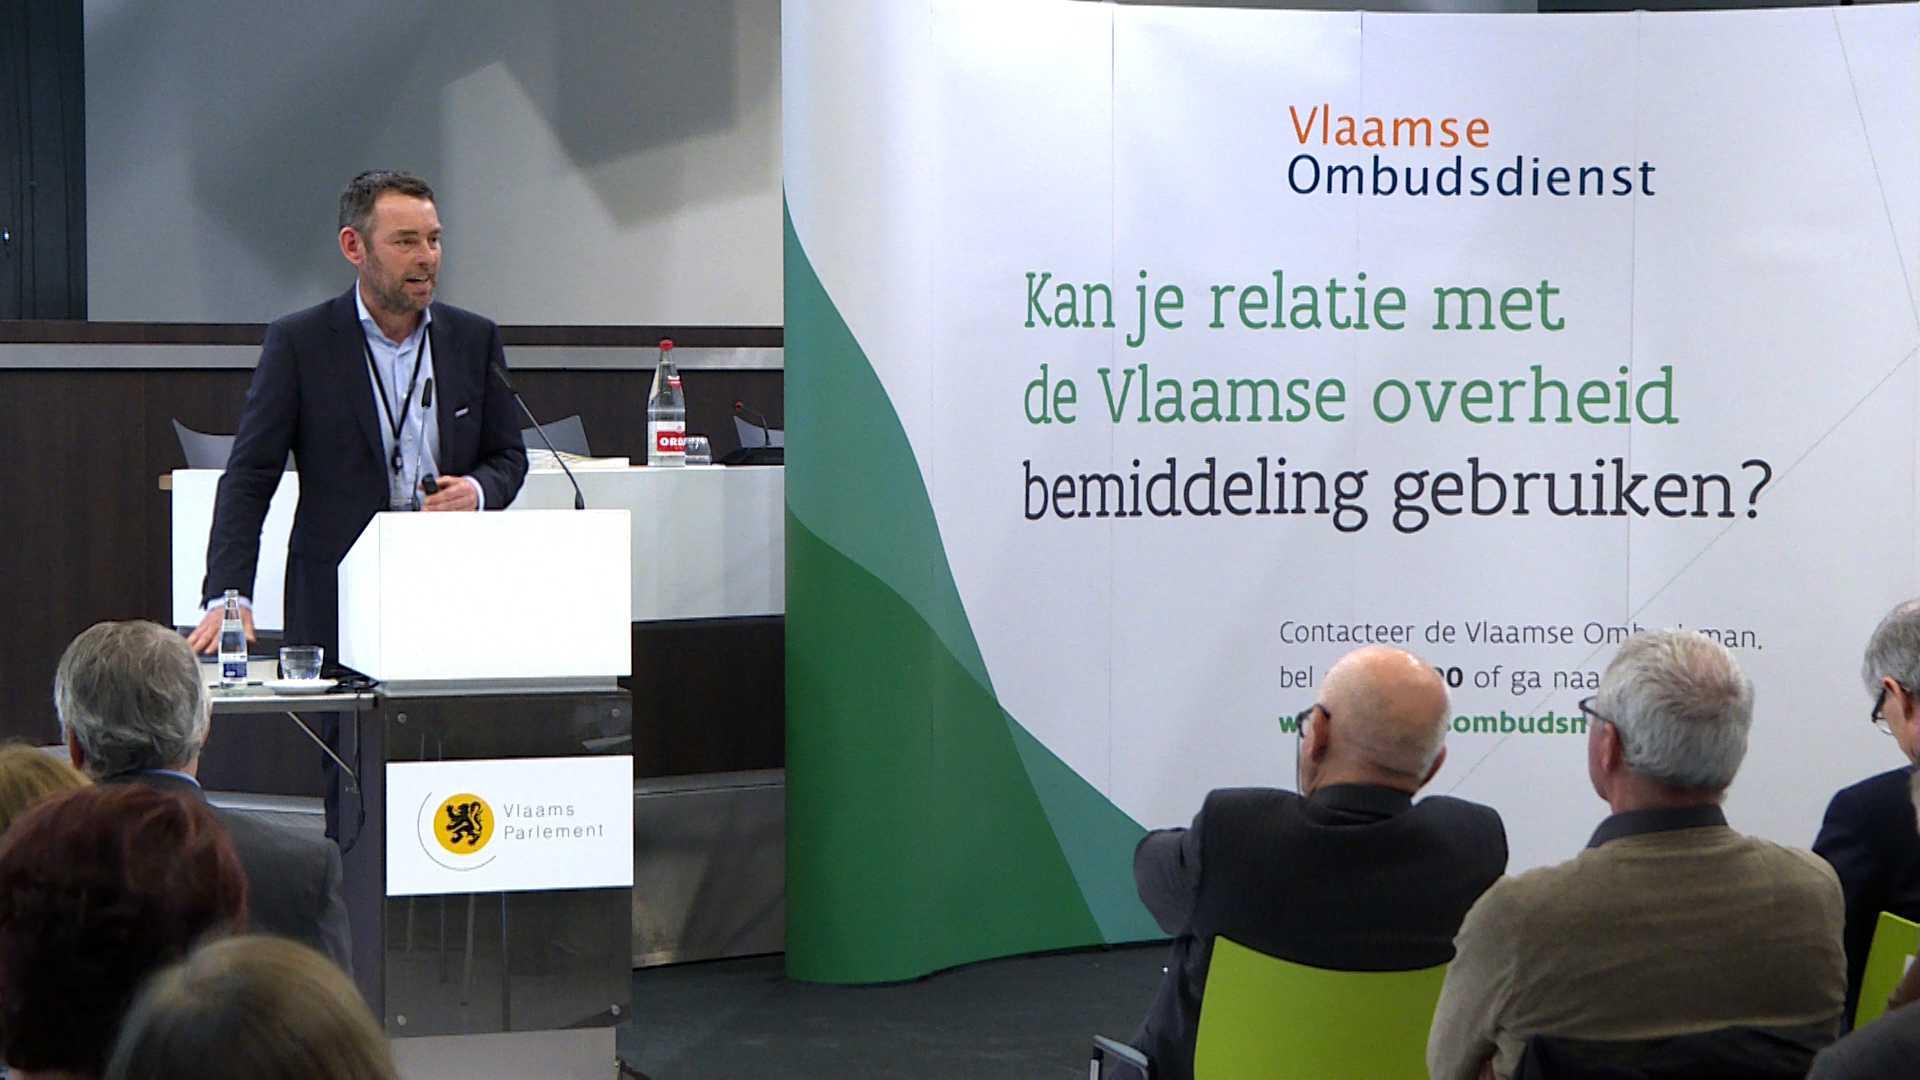 De Vlaamse Ombudsdienst kreeg recordaantal klachten in 2017